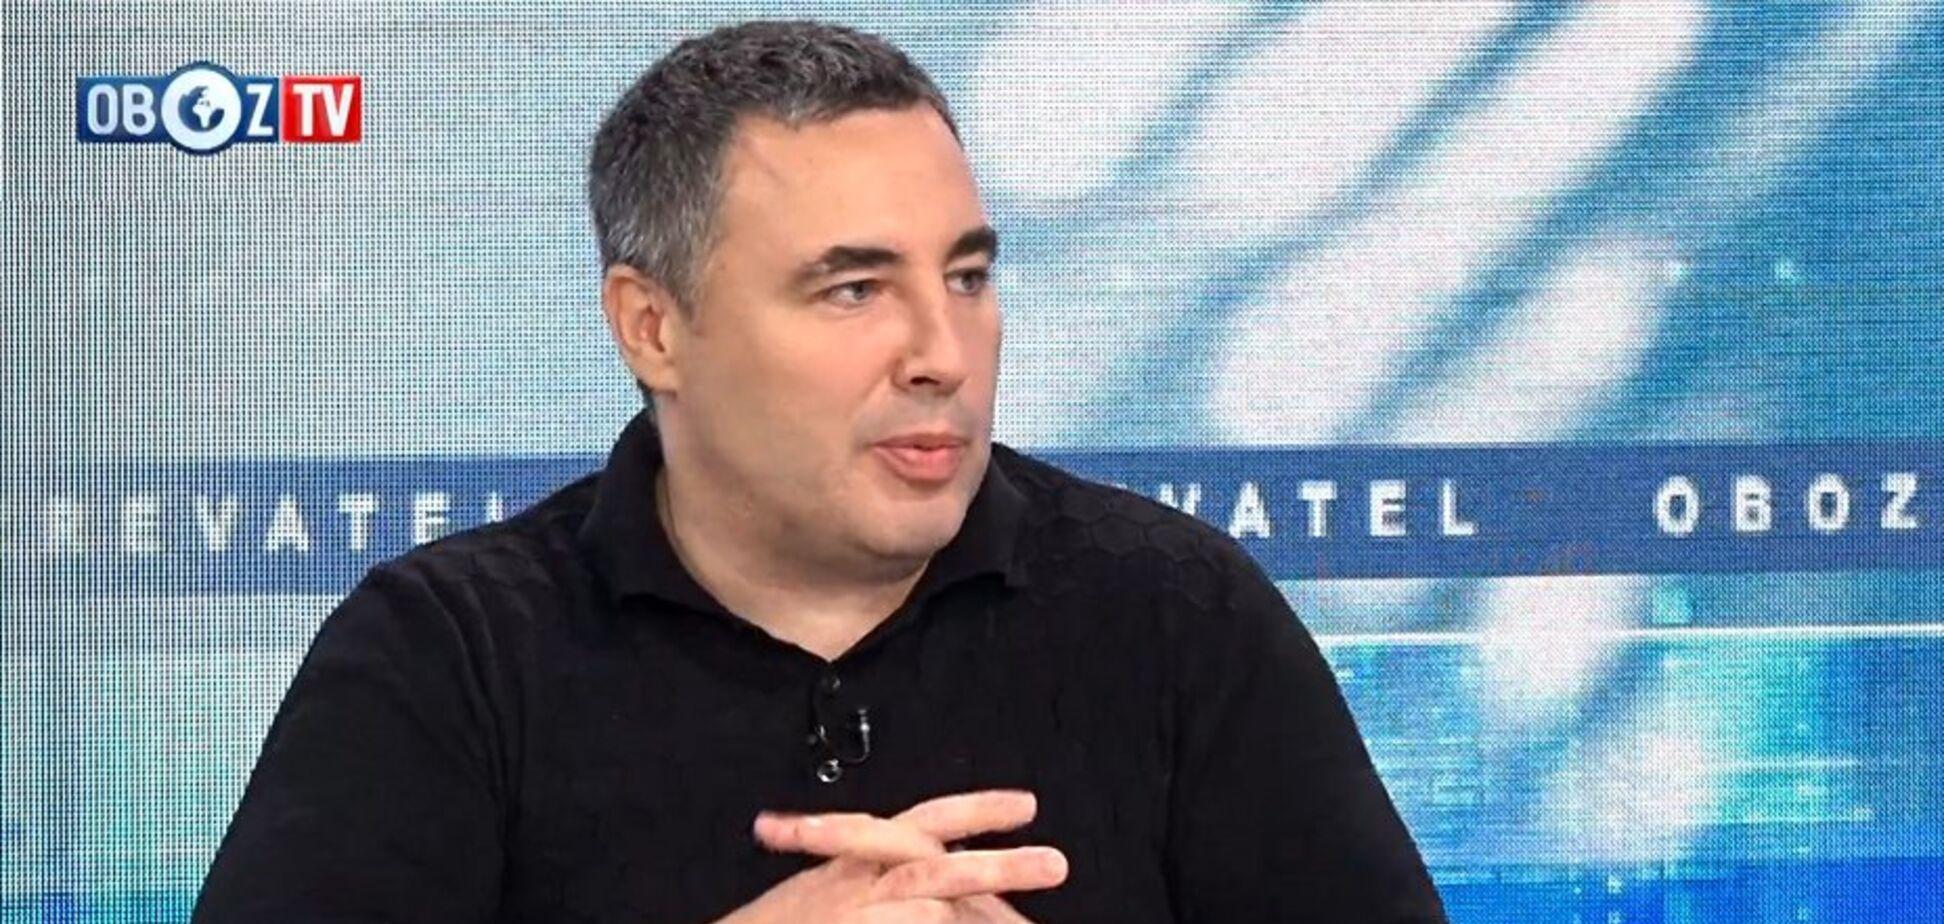 Рынка земли в Украине не будет: эксперт по земельным вопросам